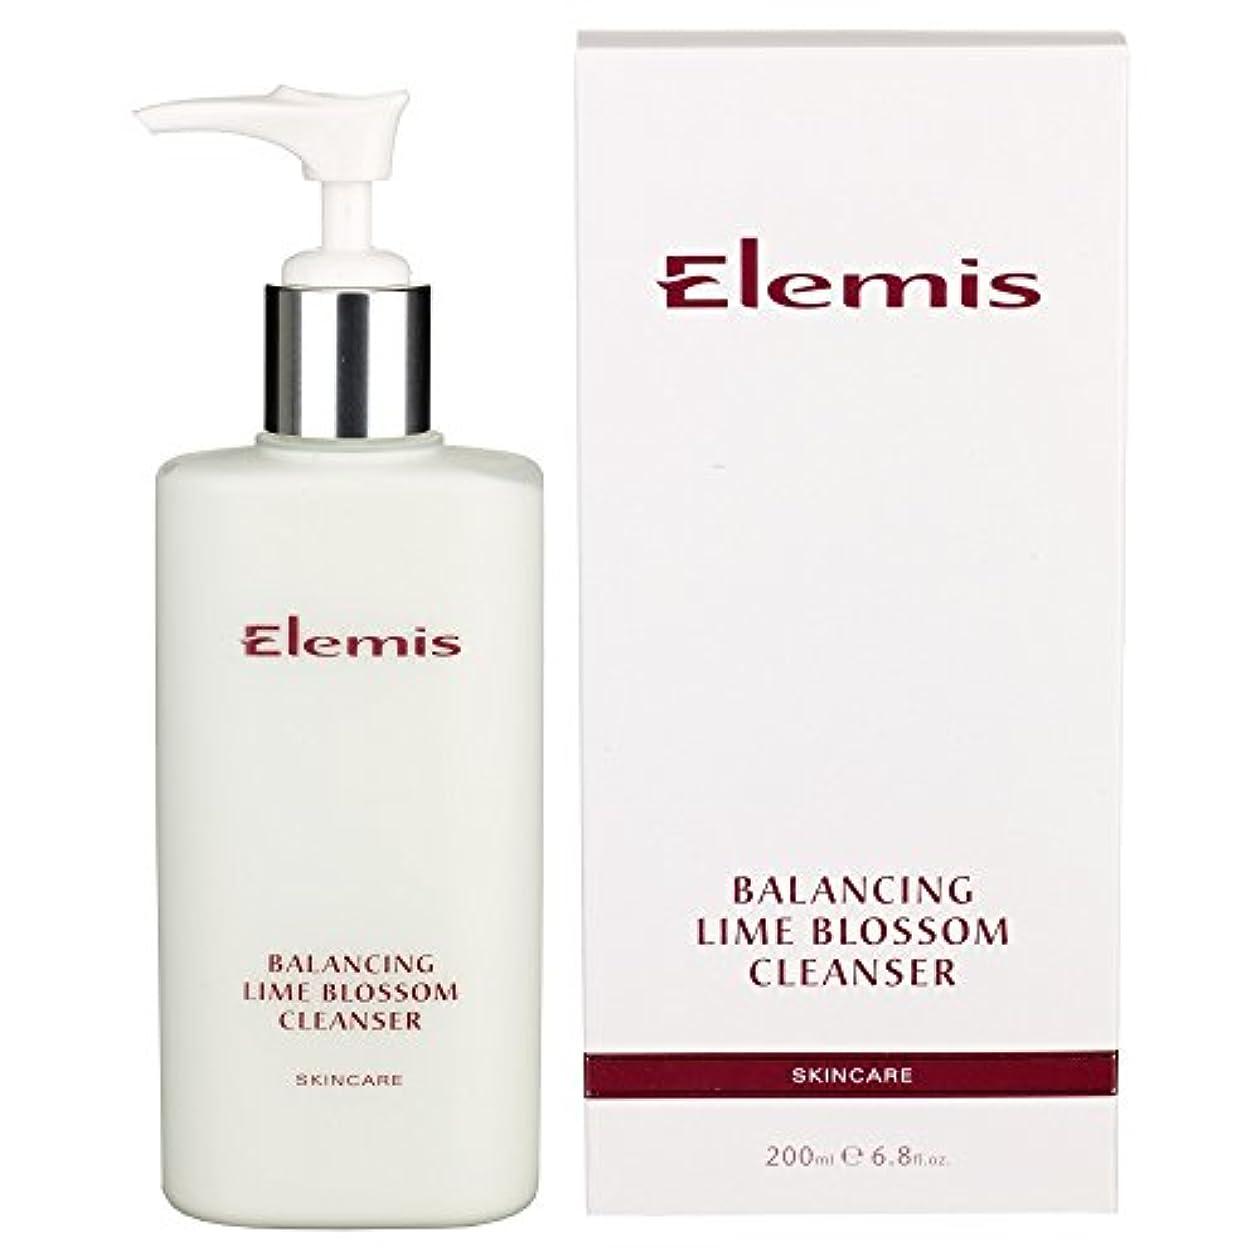 博物館選択する下に向けますライムブロッサムクレンザーのバランスをとります (Elemis) (x6) - Balancing Lime Blossom Cleanser (Pack of 6) [並行輸入品]